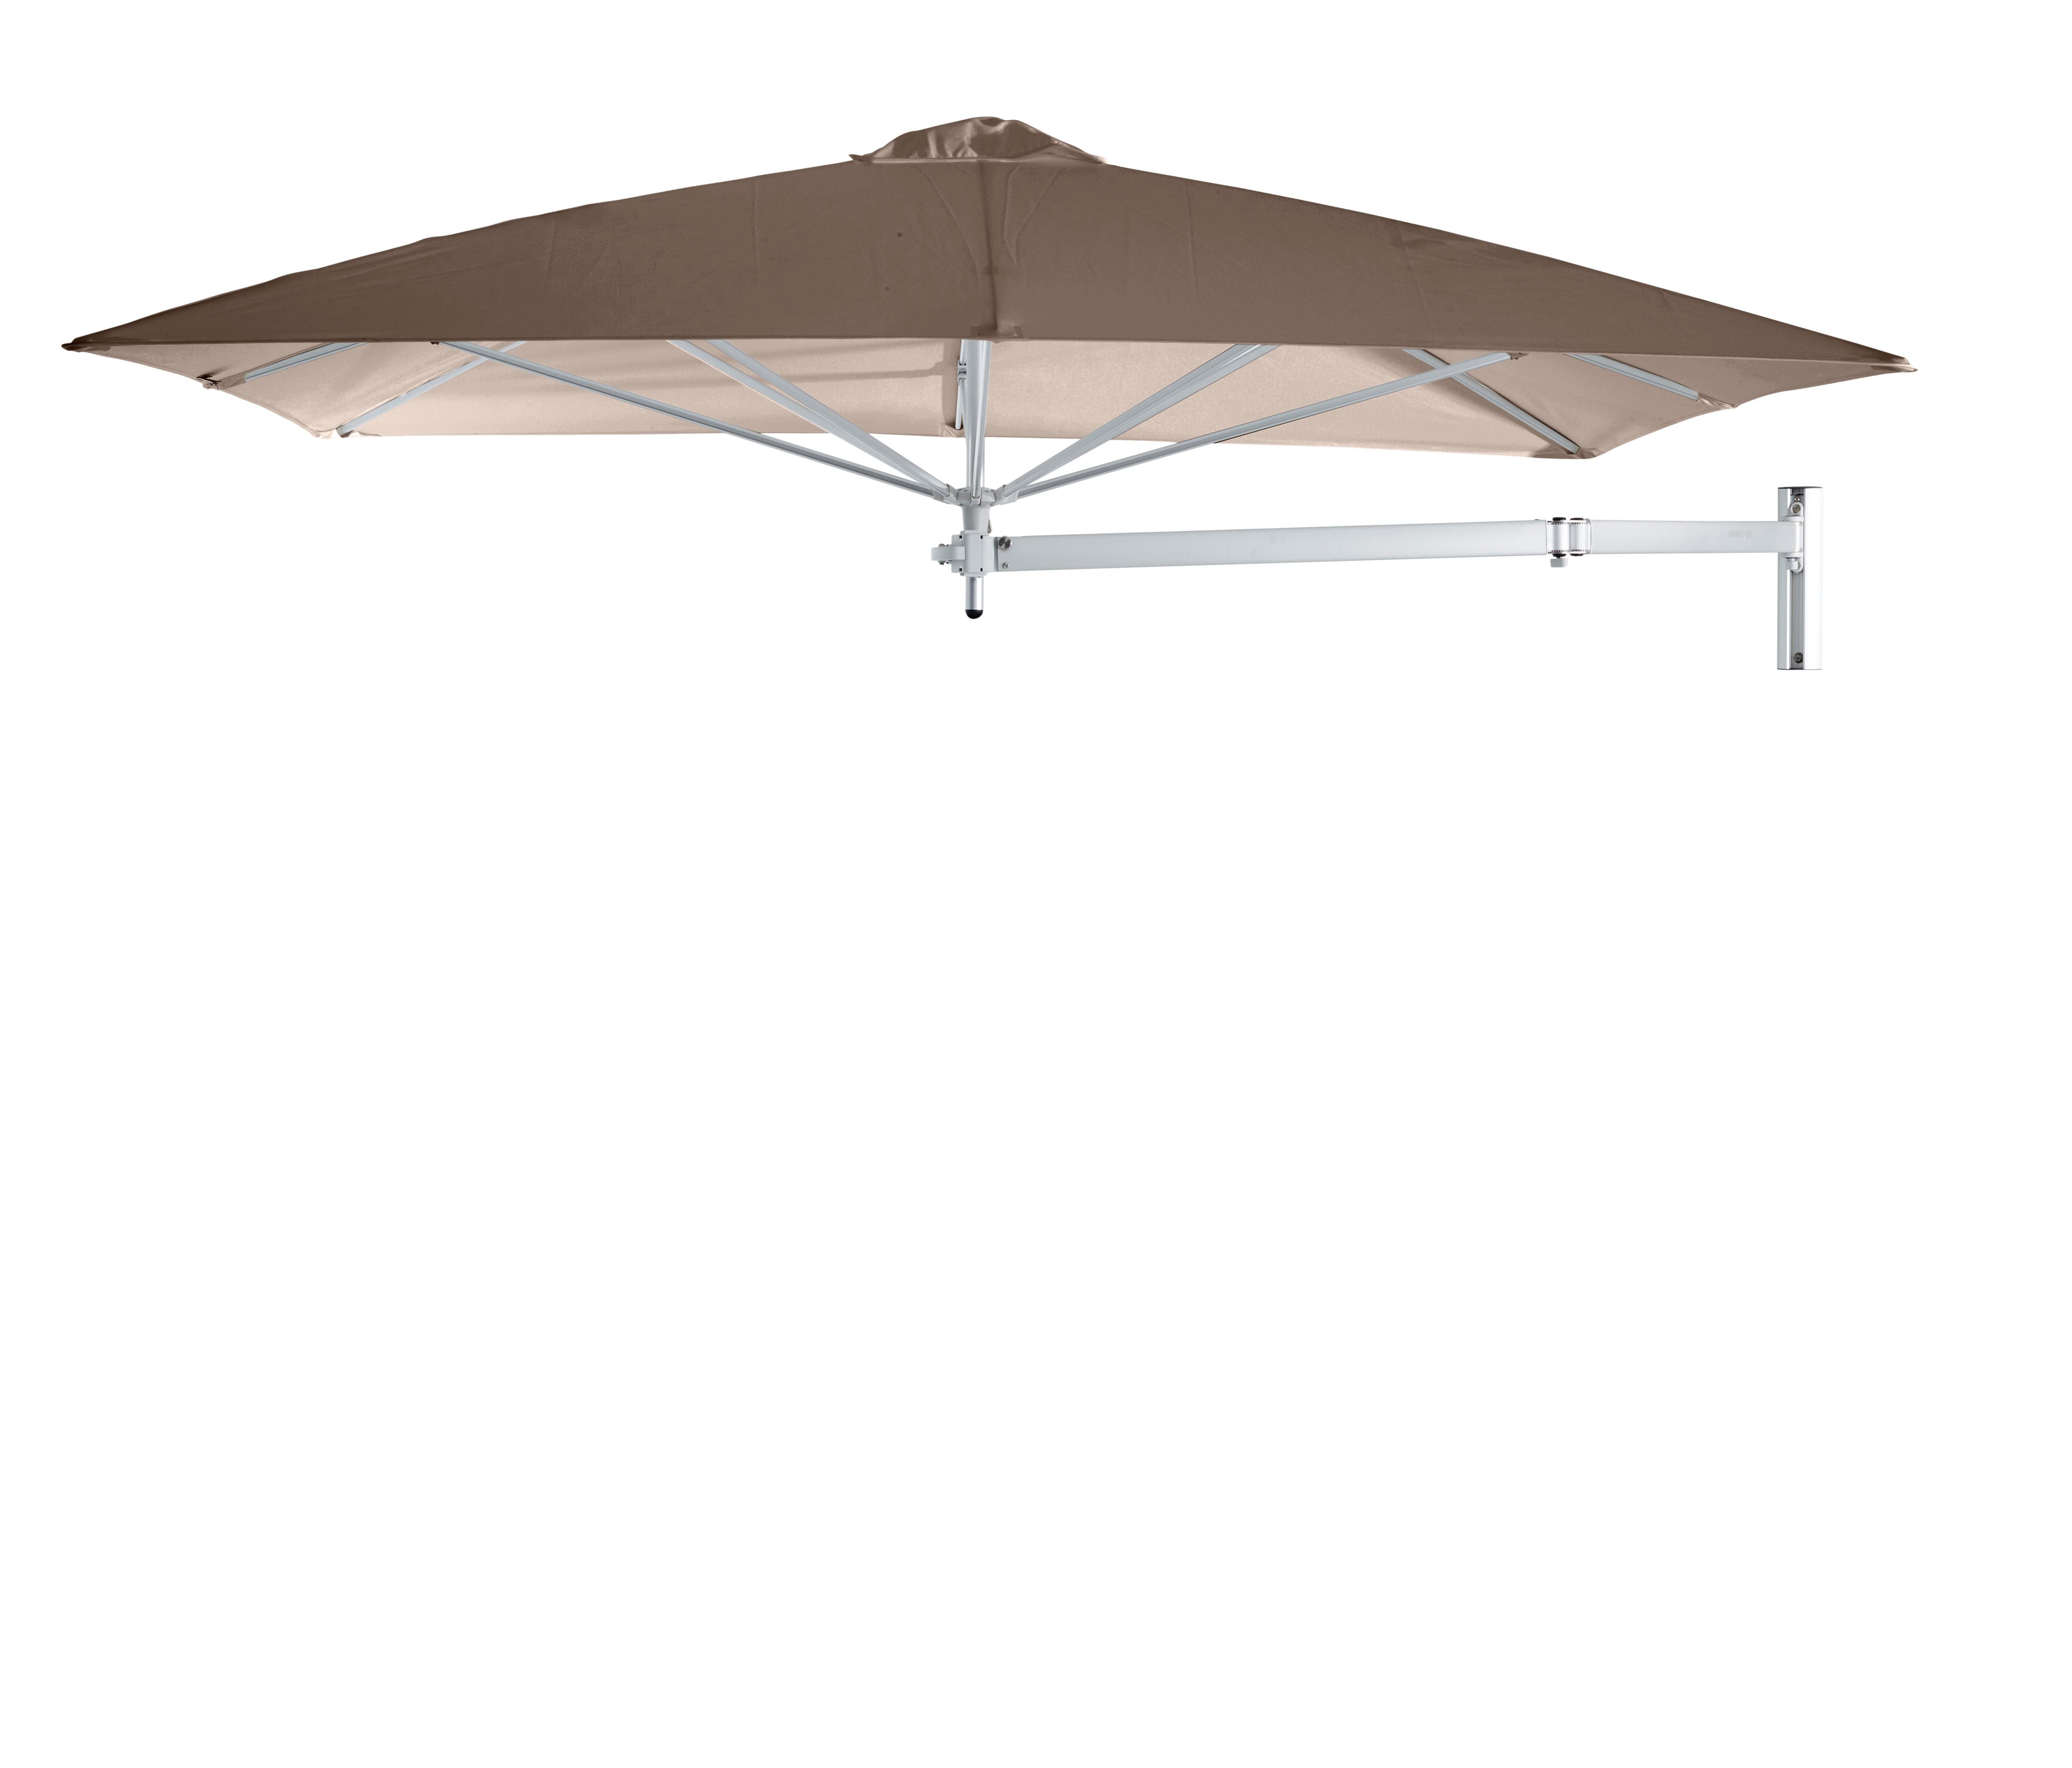 parasol_wallflex_de_umbrosa_taupe Impressionnant De Parasol Rectangulaire Inclinable Concept